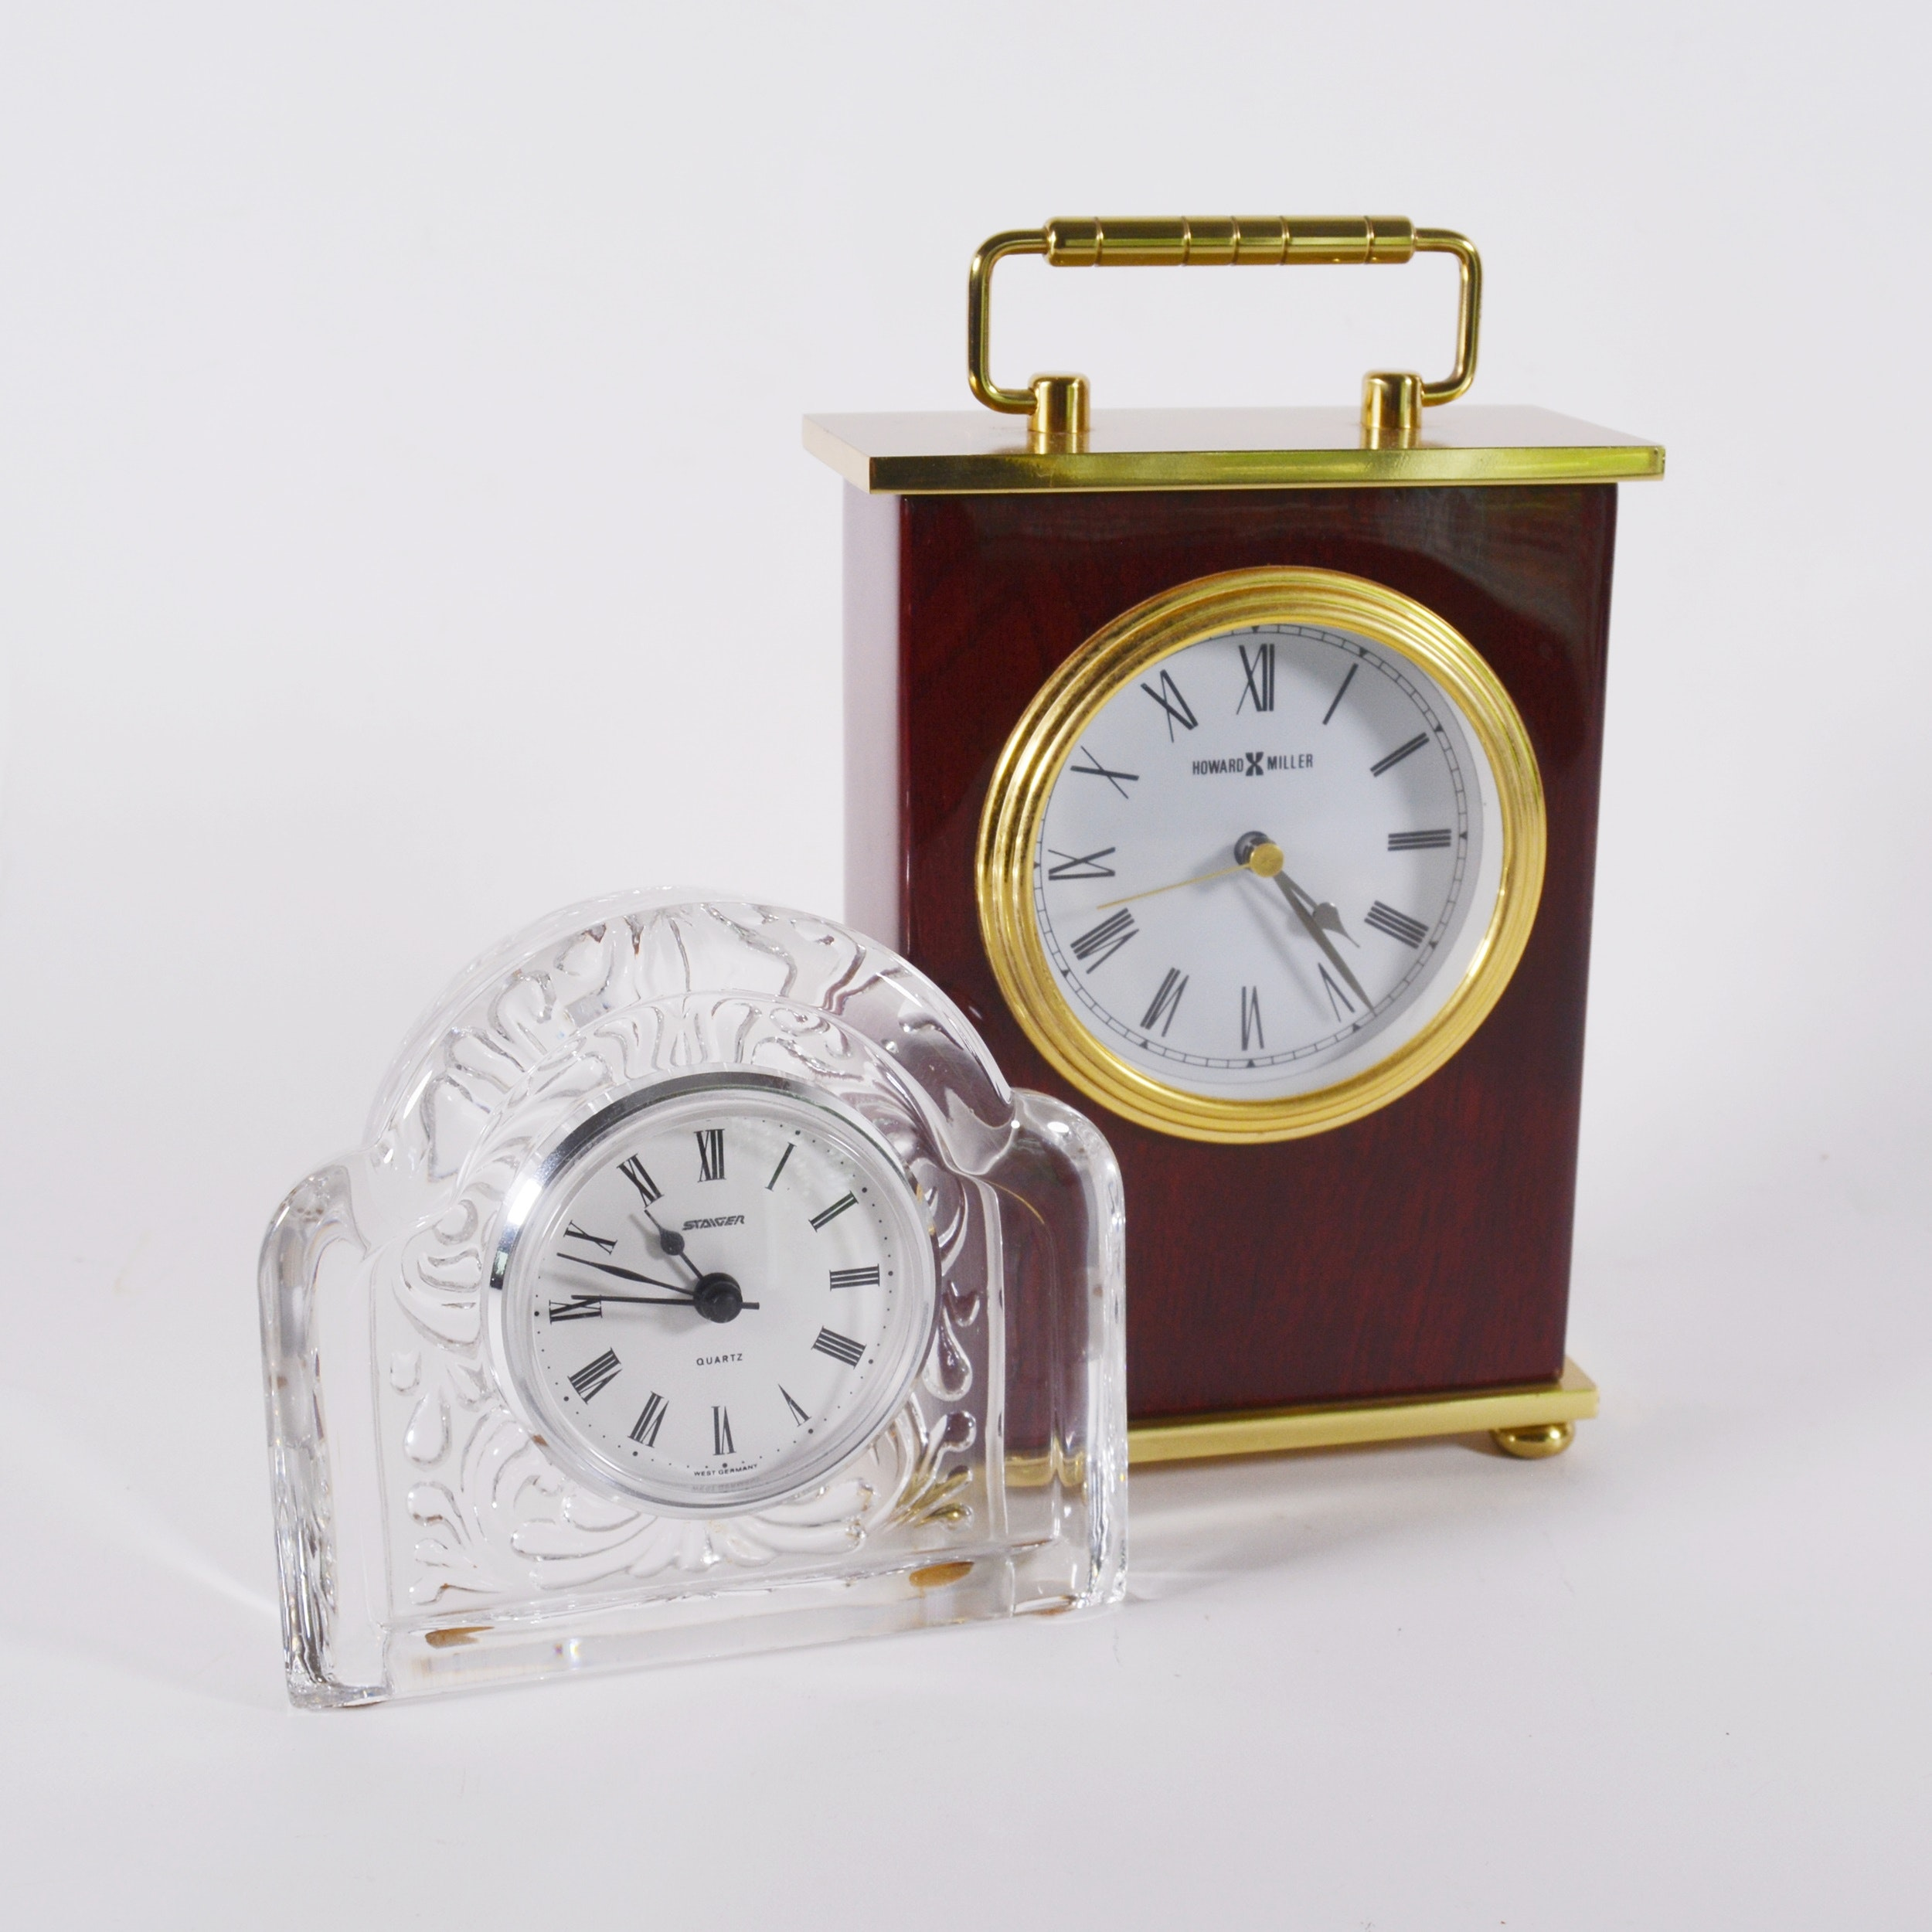 Howard Miller Bracket Clock and Staiger Crystal Desk Clock